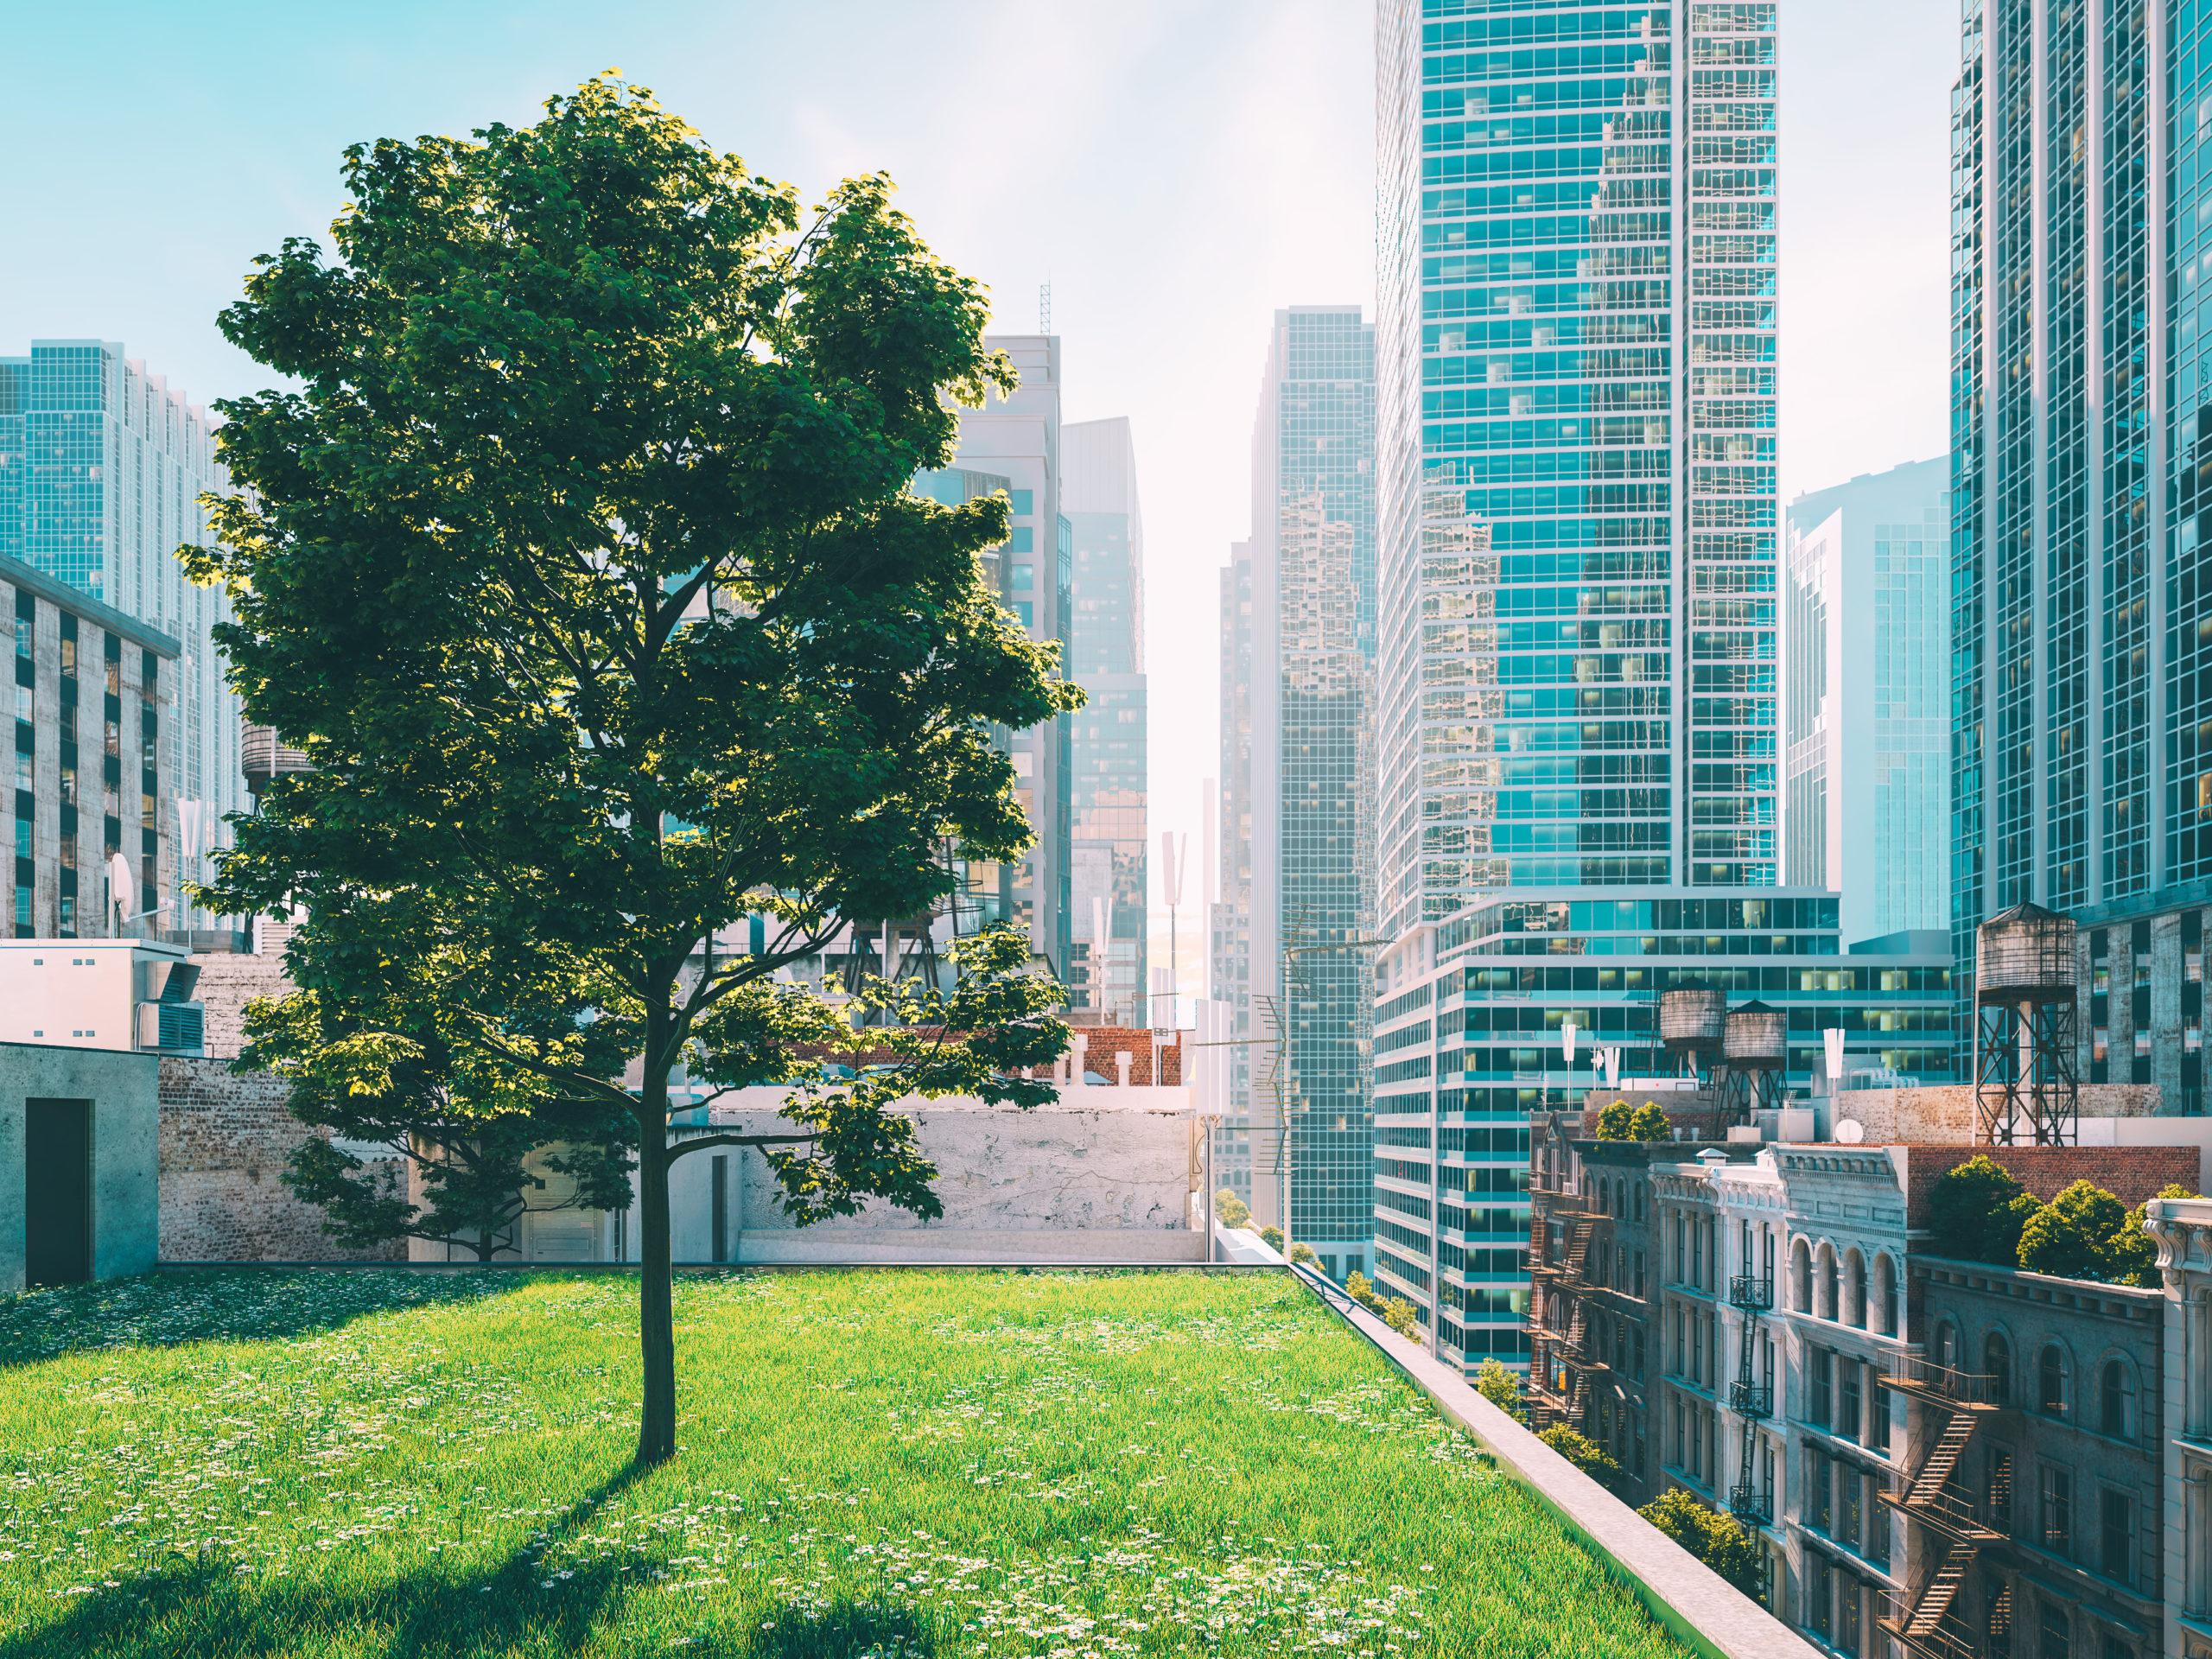 Begrünte Dächer in Städten